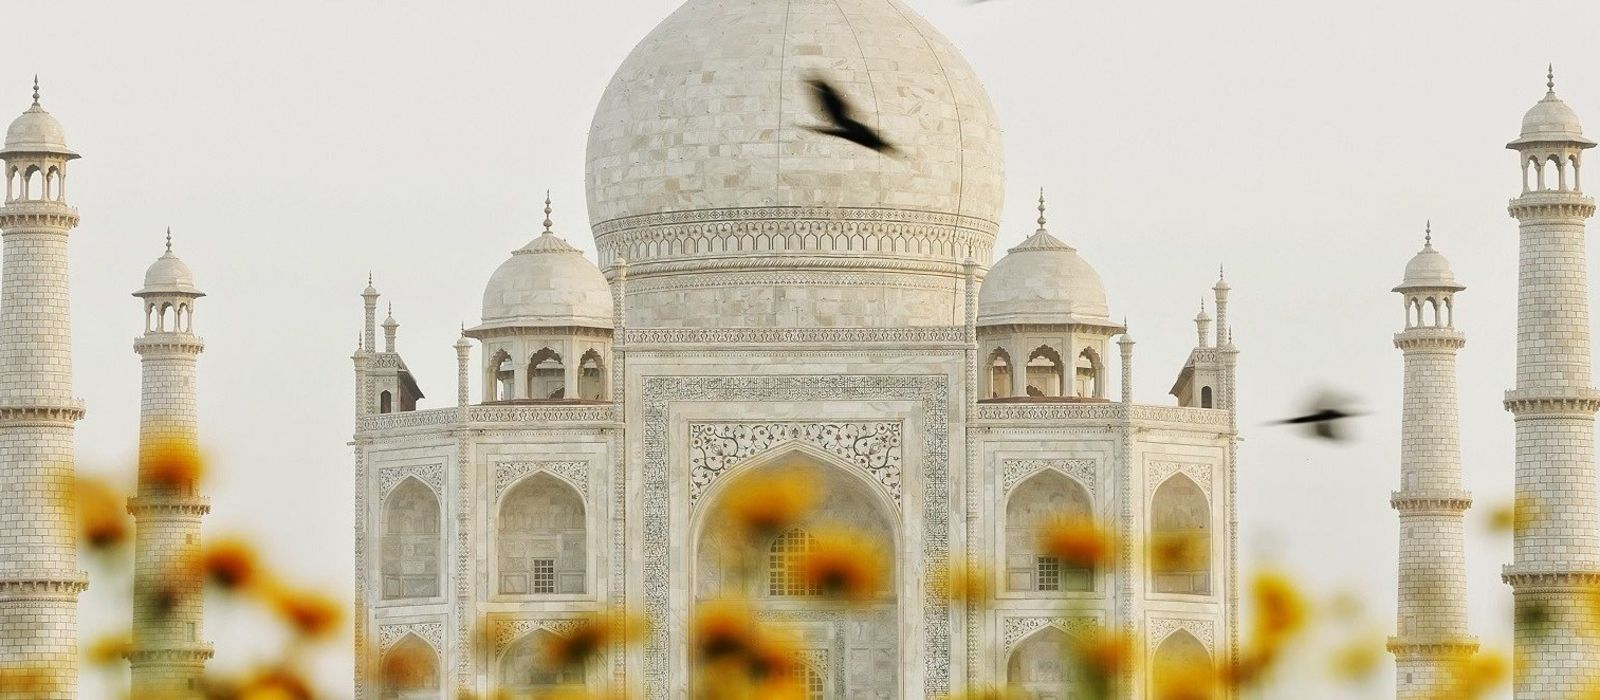 Rajasthan Rundreise: Geheimnisvolle Wüste, Paläste & Seen Urlaub 6